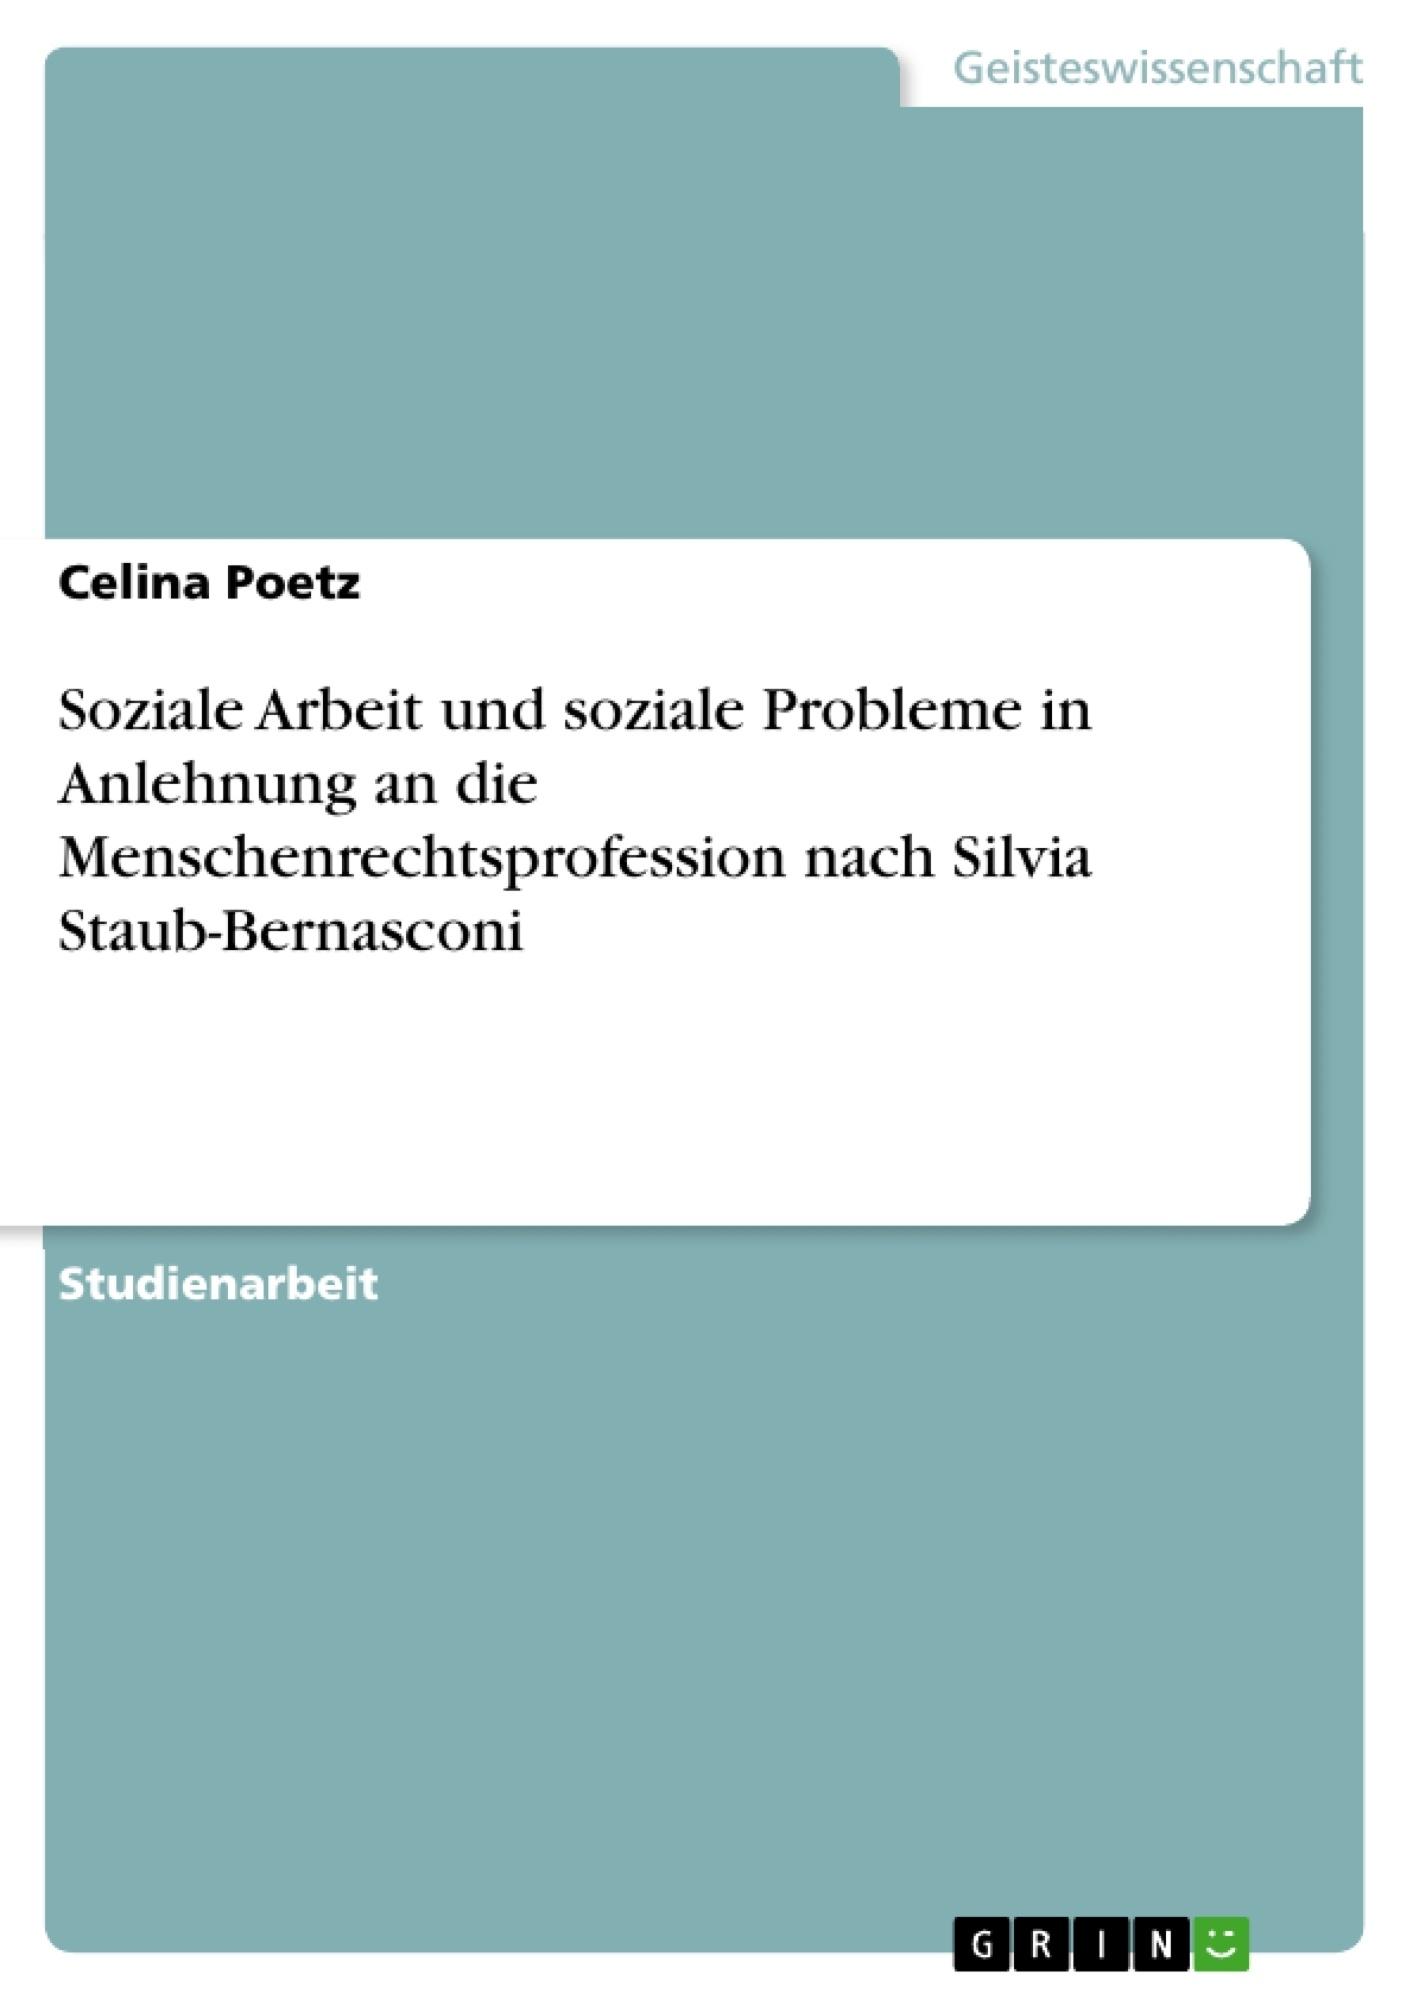 Titel: Soziale Arbeit und soziale Probleme in Anlehnung an die Menschenrechtsprofession nach Silvia Staub-Bernasconi